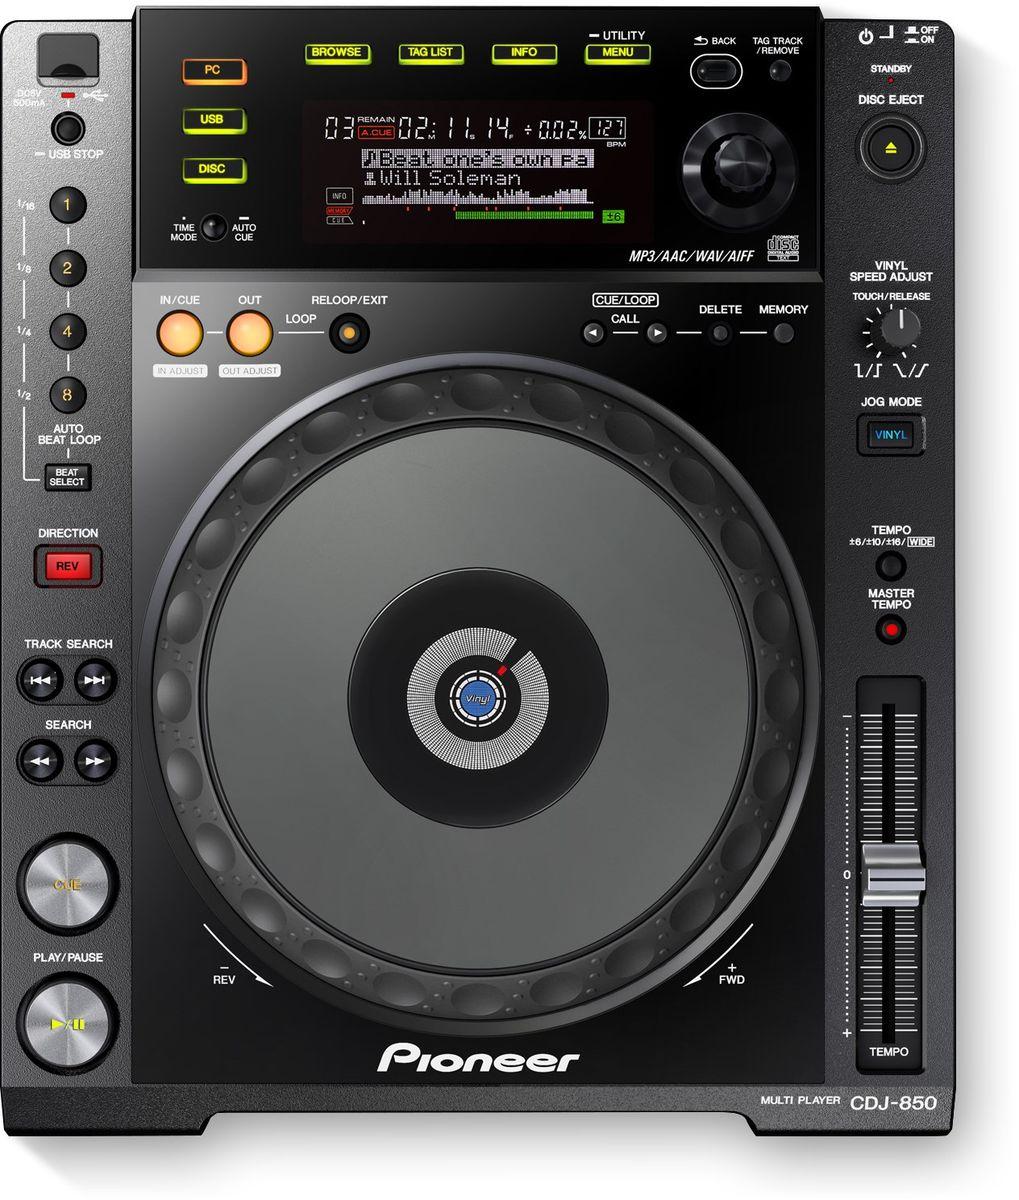 Pioneer CDJ-850-K DJ проигрыватель375310DJ-проигрыватель Pioneer CDJ-850-K с полноразмерным джогом выполнен в стильном черном цвете и идеально впишется в любой интерьер.Вы можете работать с CD, USB или напрямую с PC или Mac. Устройство имеет полноценный профессиональный джог диаметром 206 мм, который является индустриальным стандартом, и большой дисплей. USB HID интерфейс позволяет использовать плеер как контроллер для компьютерных программ. CDJ-850-K поддерживает файлы MP3, AAC, AIFF и WAV.Pioneer CDJ-850-K поставляется вместе с программой управления музыкальной библиотекой rekordbox. Программа анализирует BPM и позиции битов в треках, находящихся на компьютере, позволяя диджеям упорядочить музыку по жанрам, а также создавать плейлисты перед выступлением. Более того, треки и плейлисты можно легко перенести на компьютер через USB. Вы сможете редактировать свои плейлисты и непосредственно во время выступления.Функция Auto Beat Loop для идеальных петель: при нажатии кнопки 1, 2, 4 или 8 Auto Beat Loop проигрыватель автоматически установит сверхточную петлю нужного размера для идеального исполнения.Музыкальные файлы и данные с одного USB или SD устройства могут быть распределены одновременно на четыре плеера Pioneer CDJ, соединенных сетевым кабелем LAN.Встроенная поддержка Serato Scratch Live DJХарактеристики:Частота дискретизации: 48 кГцА/Ц преобразователь: 24 битЦ/А преобразователь: 24 битСоотношение сигнал/шум: 115 дБЗвуковые искажения: 0,003%Уровень выходного сигнала: 2.0 VrmsПотребляемая мощность: 21 ВтДиаметр джога: 206 ммСвойства джога: CDJ / Vinyl режим / сенсорныйСвойства Cue: Cue Loop Memory / Cue point sampler / Real Time Cue / авто Cue / ручная CueПетли: Auto Beat Loop / Hot Loop / бесшовная петля в реальном времени / возврат к петле / настройка входа/выхода петлиКонтроль производительности: Back Cue start / Fader Start / Pitch Bend / Quick Scratch после поиска трека / Relay Play / Scratch Play / Cue / настройка скорости винил / размер фрейма 1/75 с / ревер